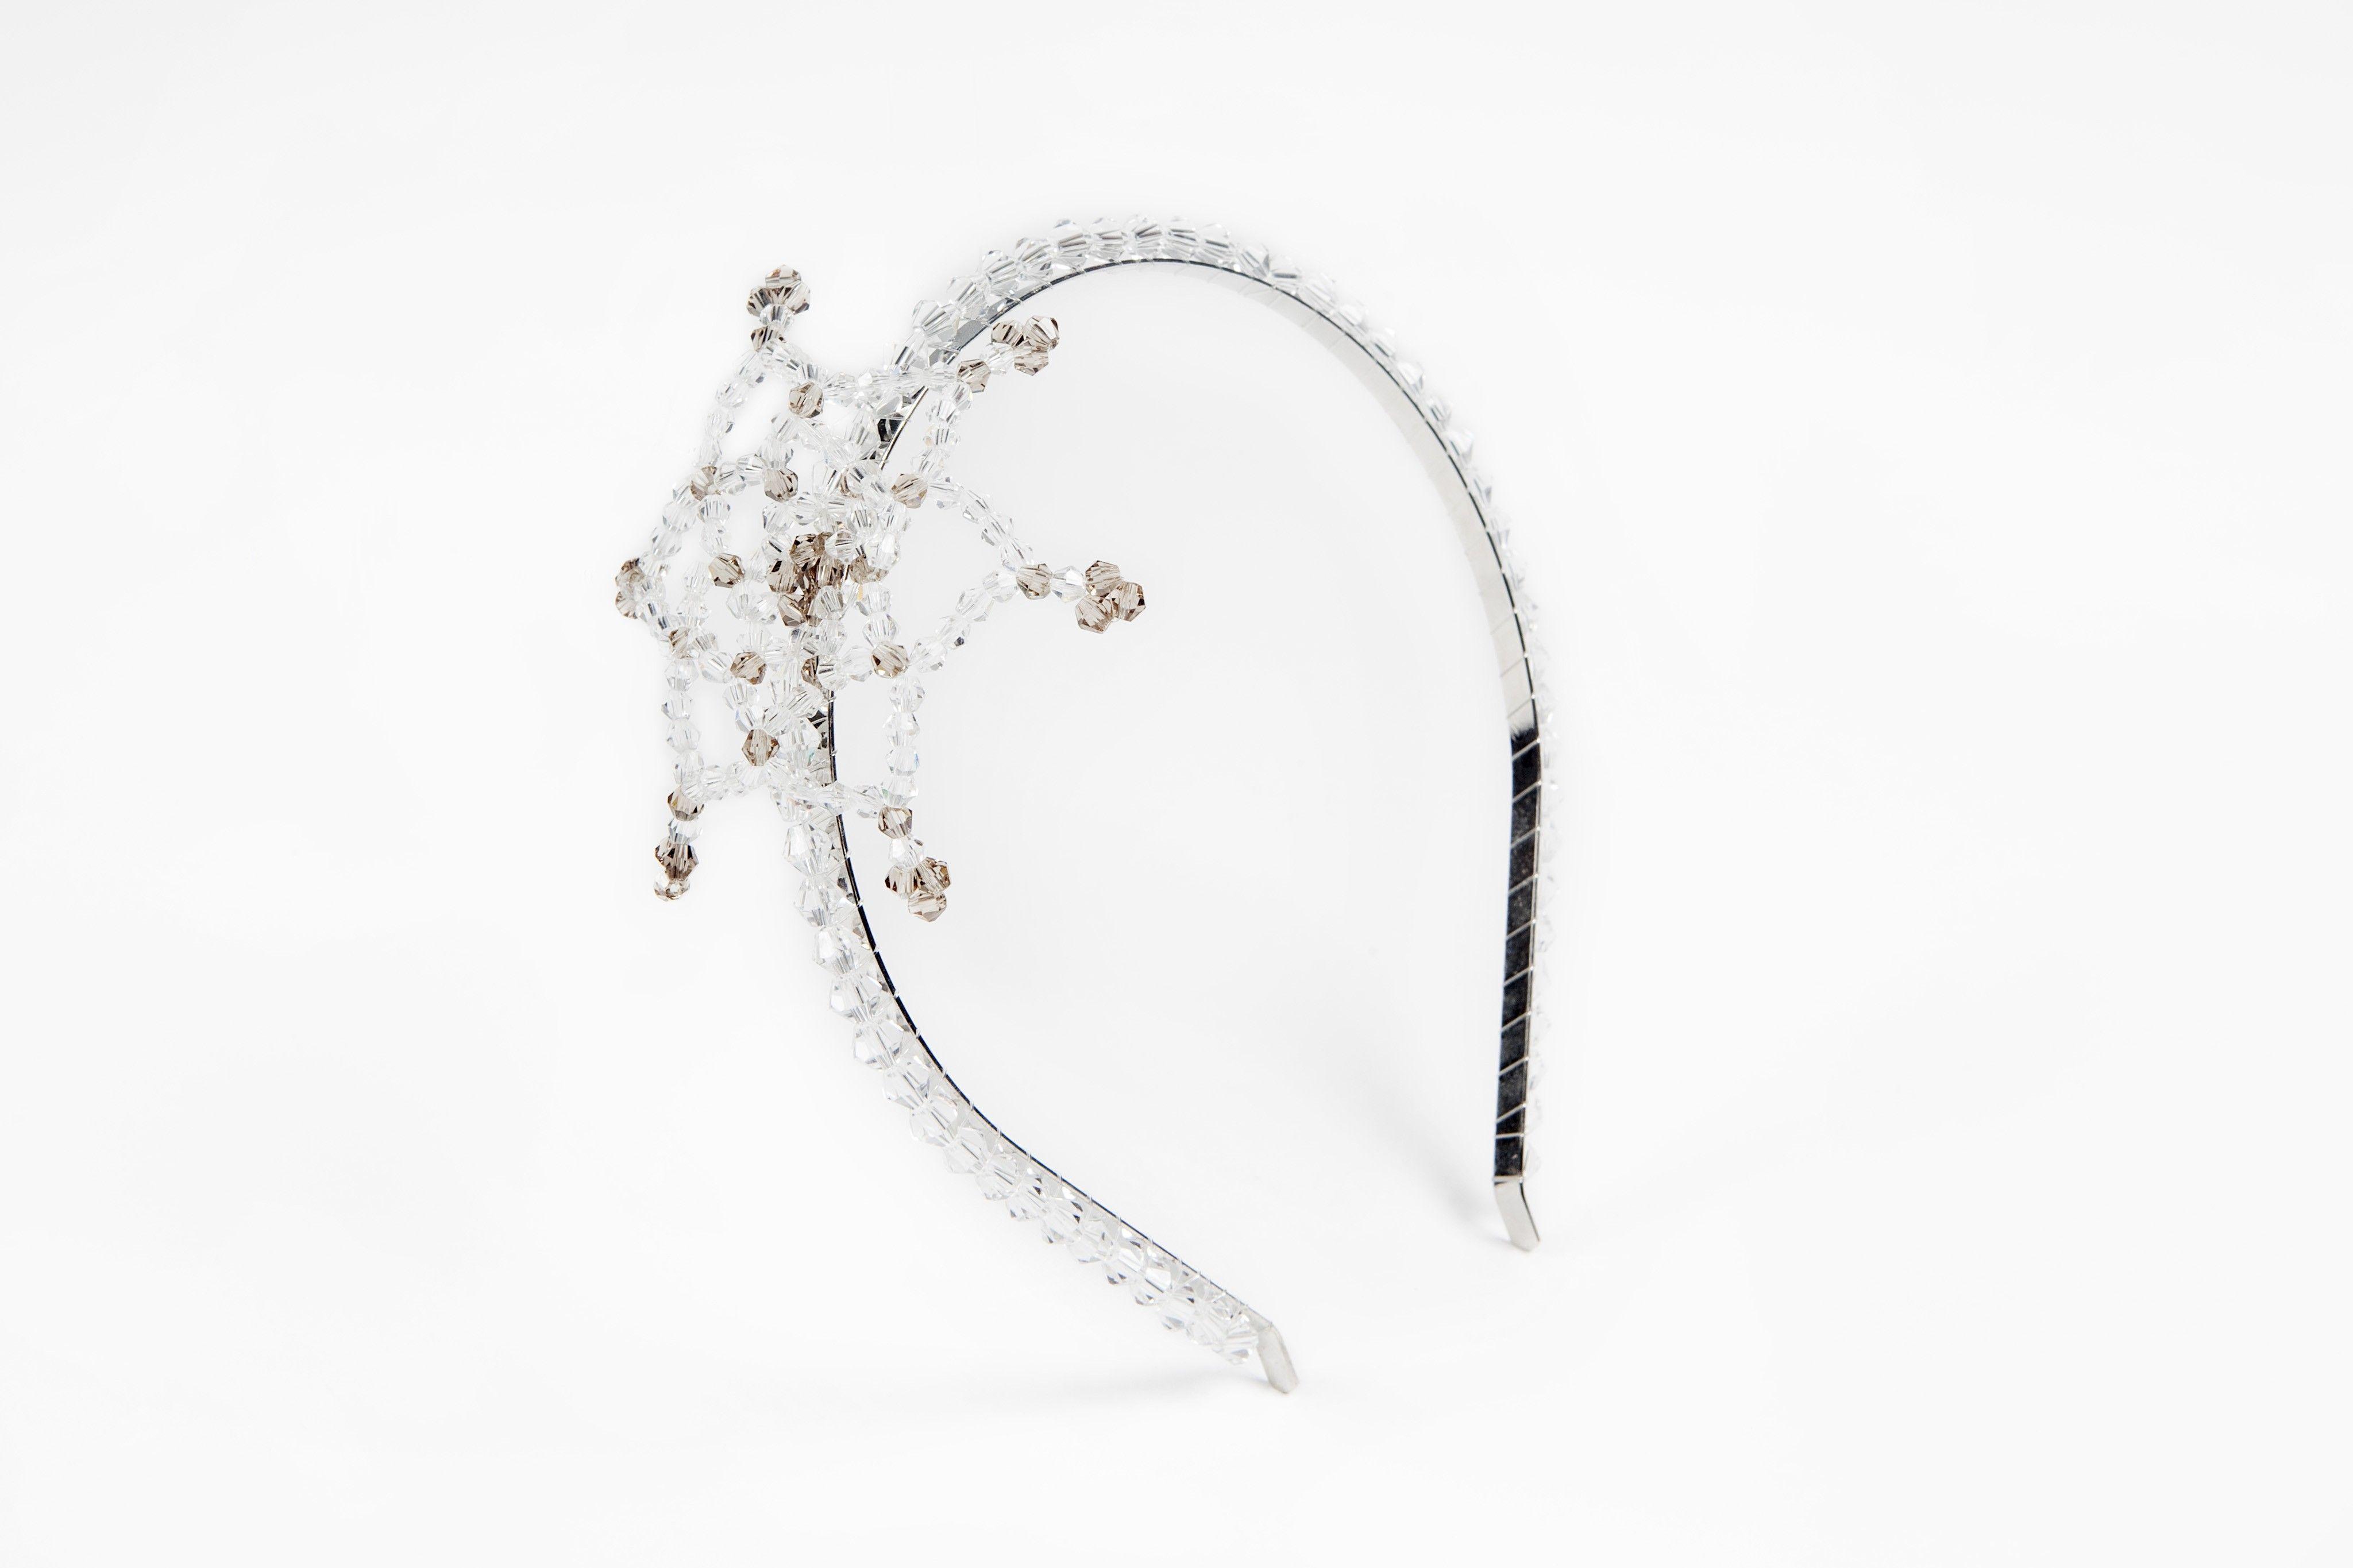 Rós hiuspanta - Cailap by Kirsi Nisonen    Upeiden yksityiskohtien metallipanta on viimeistelty lasihelmillä. Pannan leveys 0,5 cm, koristeen halkaisija 9 cm